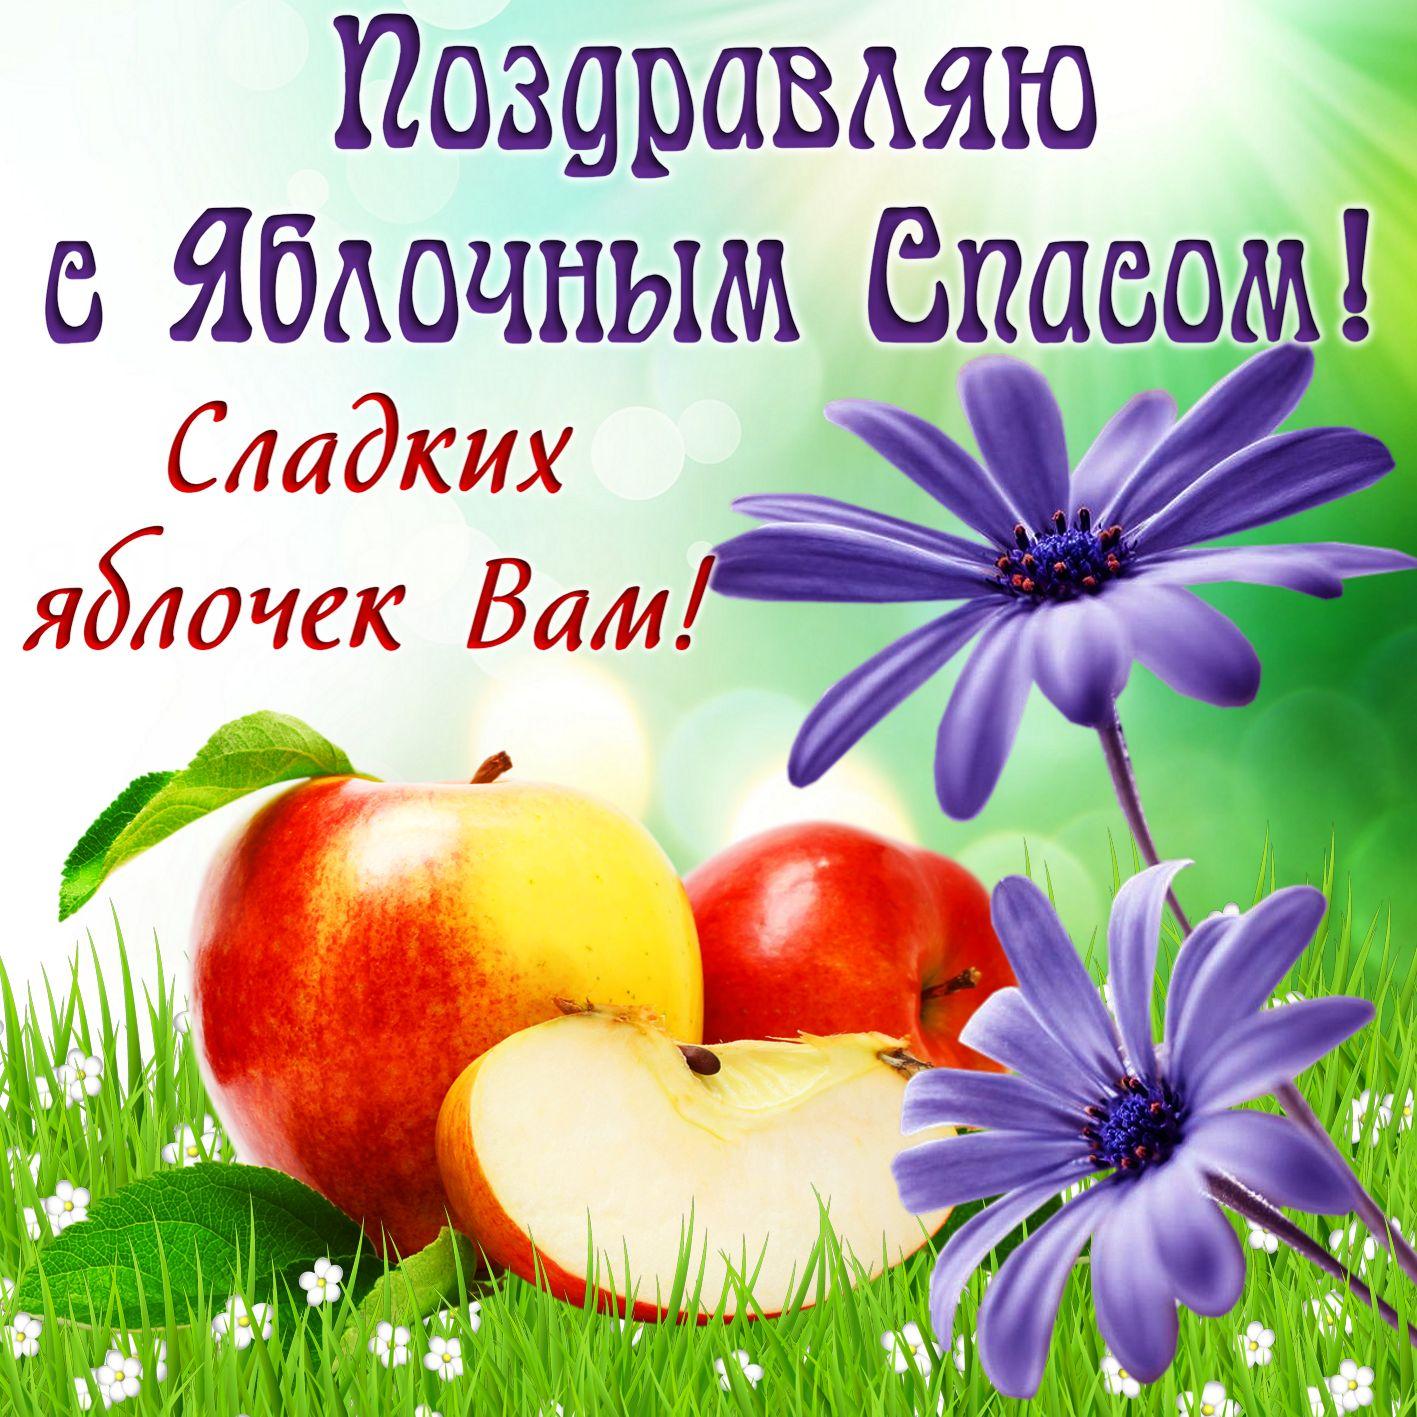 Яблочный спас открытки с поздравлениями красивые, валентинку картинки про